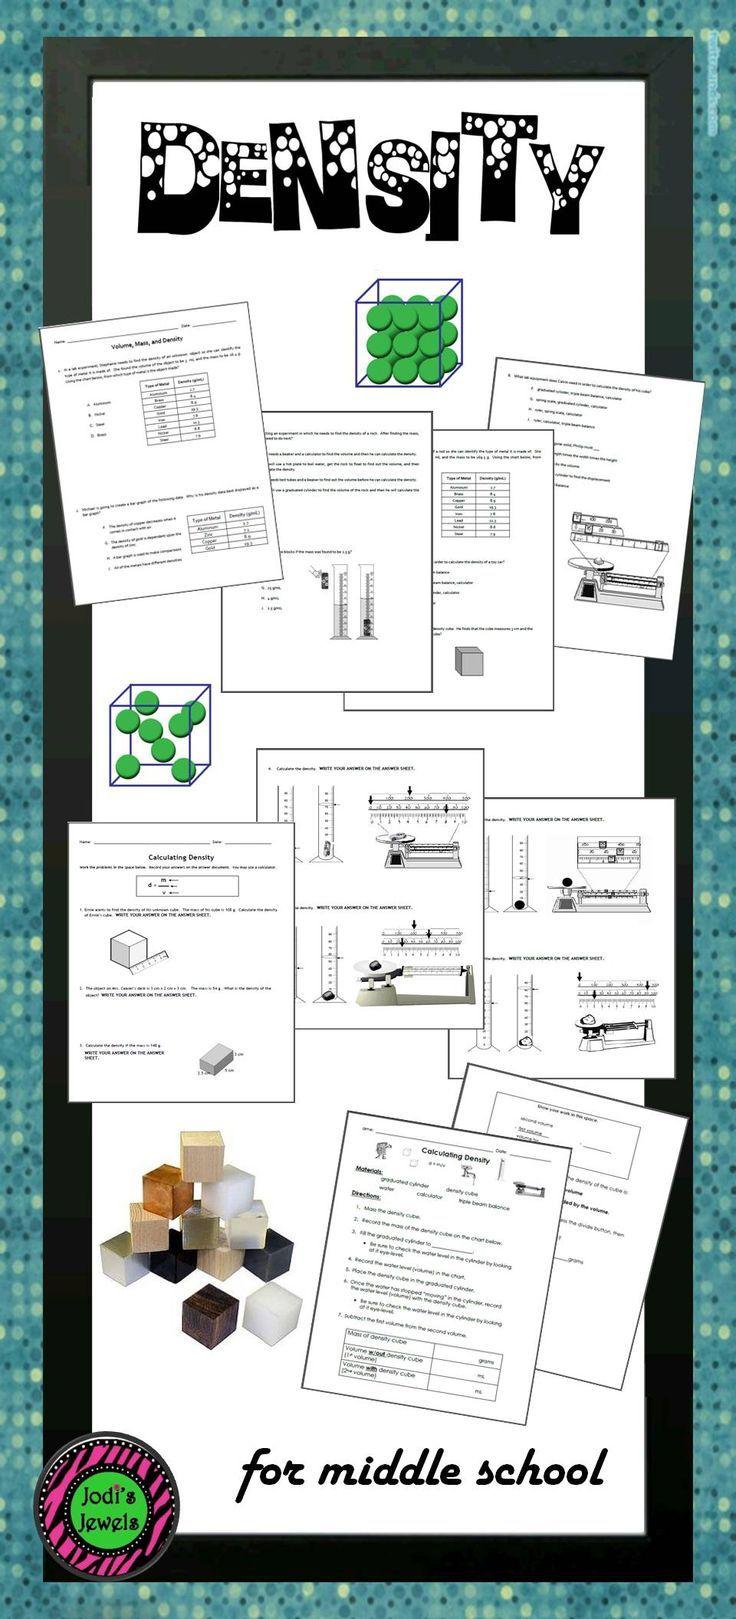 Middle School Density Worksheets For Grades 5 7 Lab Sheets And Worksheets Visit Jodi S Jewels Today Density Worksheet Middle School Middle School Science